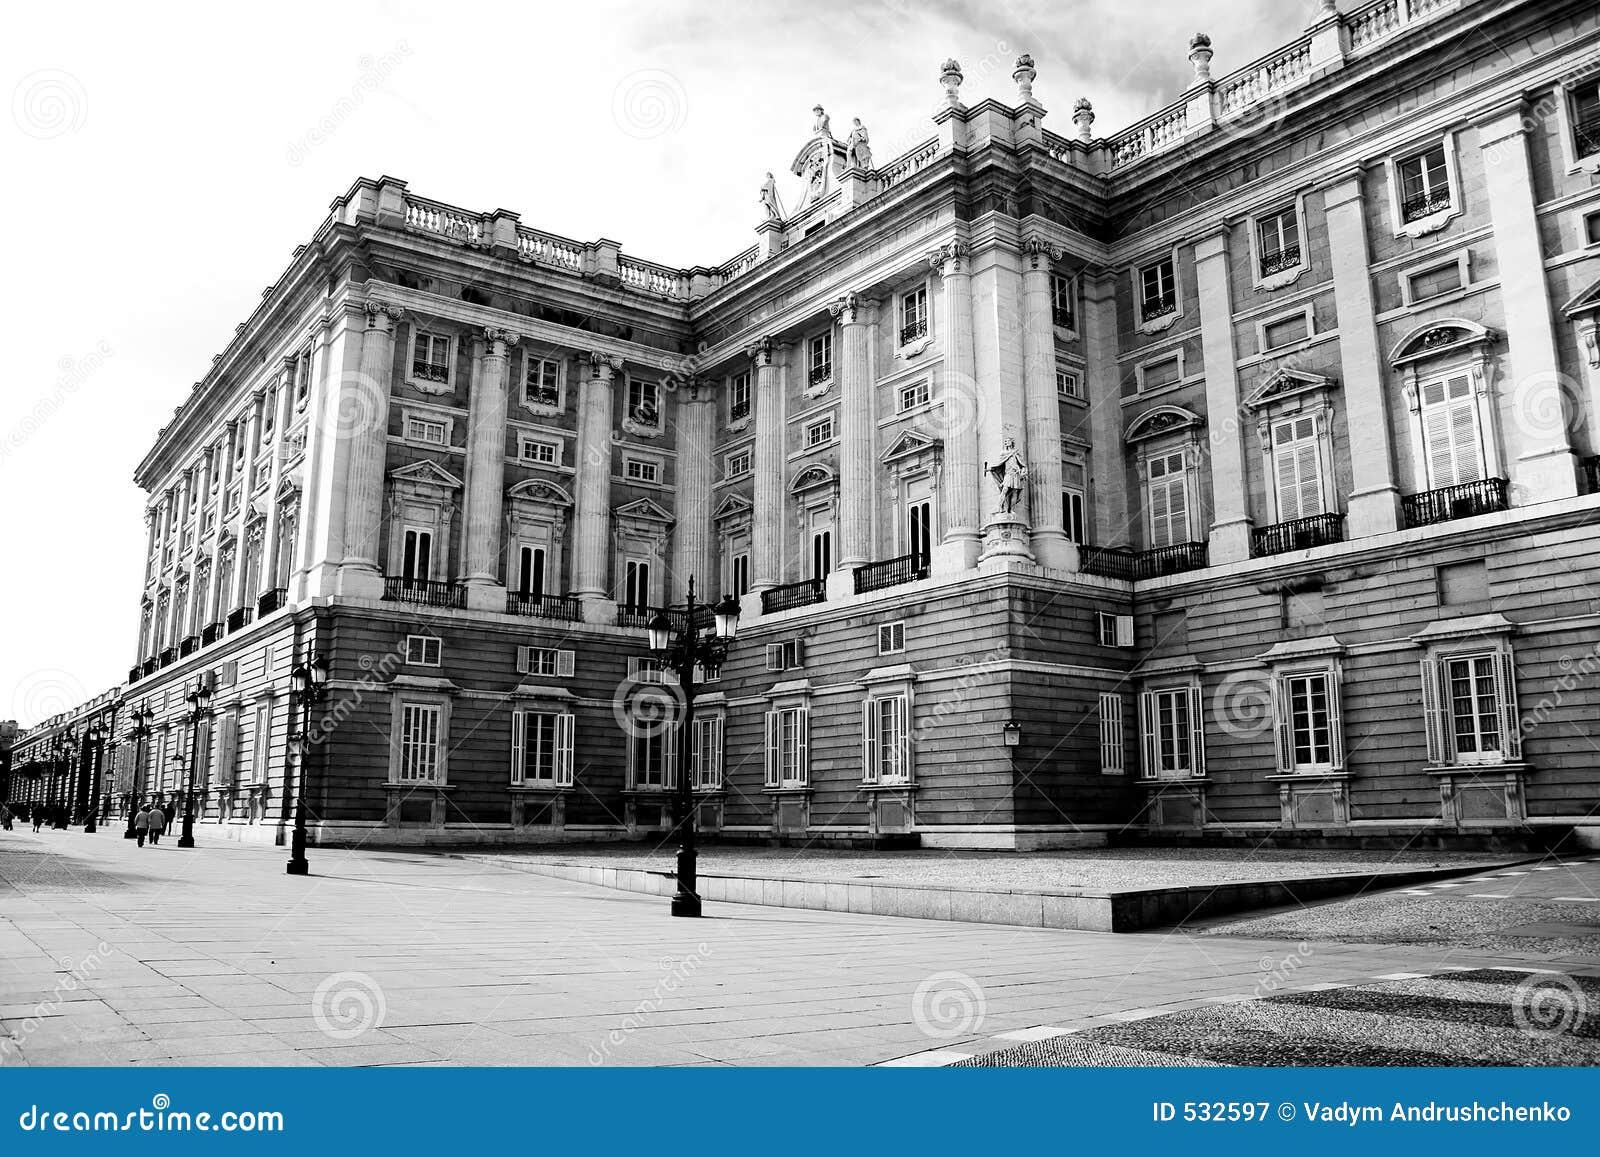 Download 宫殿 库存图片. 图片 包括有 样式, 马德里, 国王, 视窗, 投反对票, 天空, 灯笼, 墙壁, 宫殿, 人们 - 532597